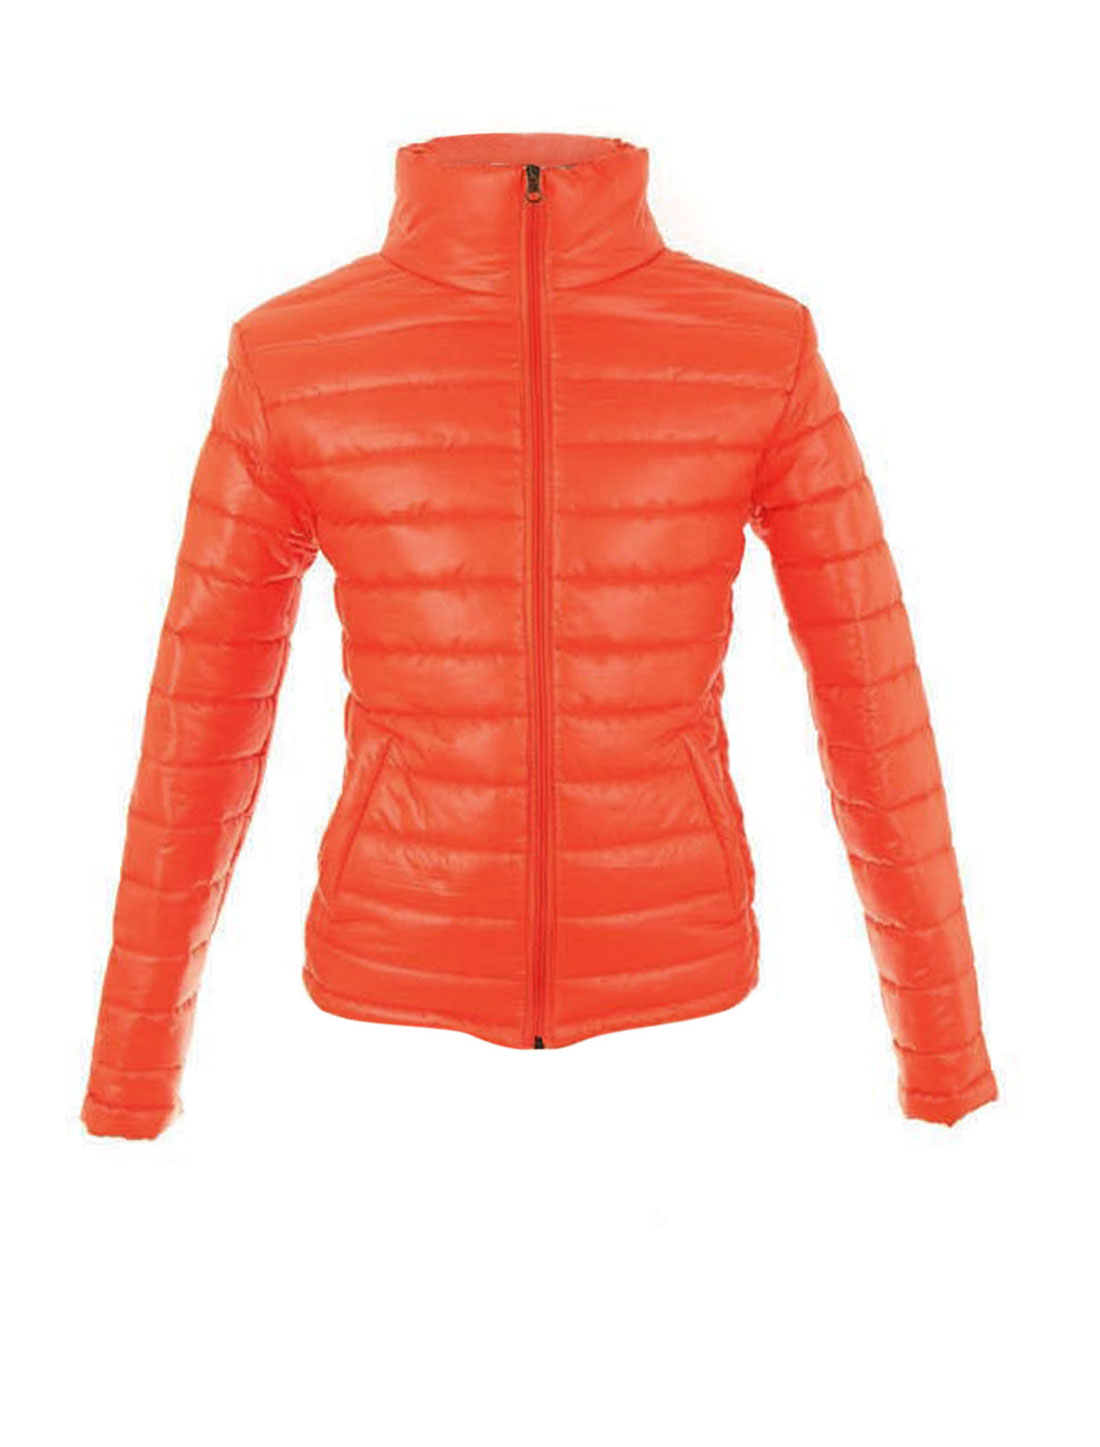 Mens Stylish Funnel Neck Long Sleeve Faux Leather Orange Padded Jackets M